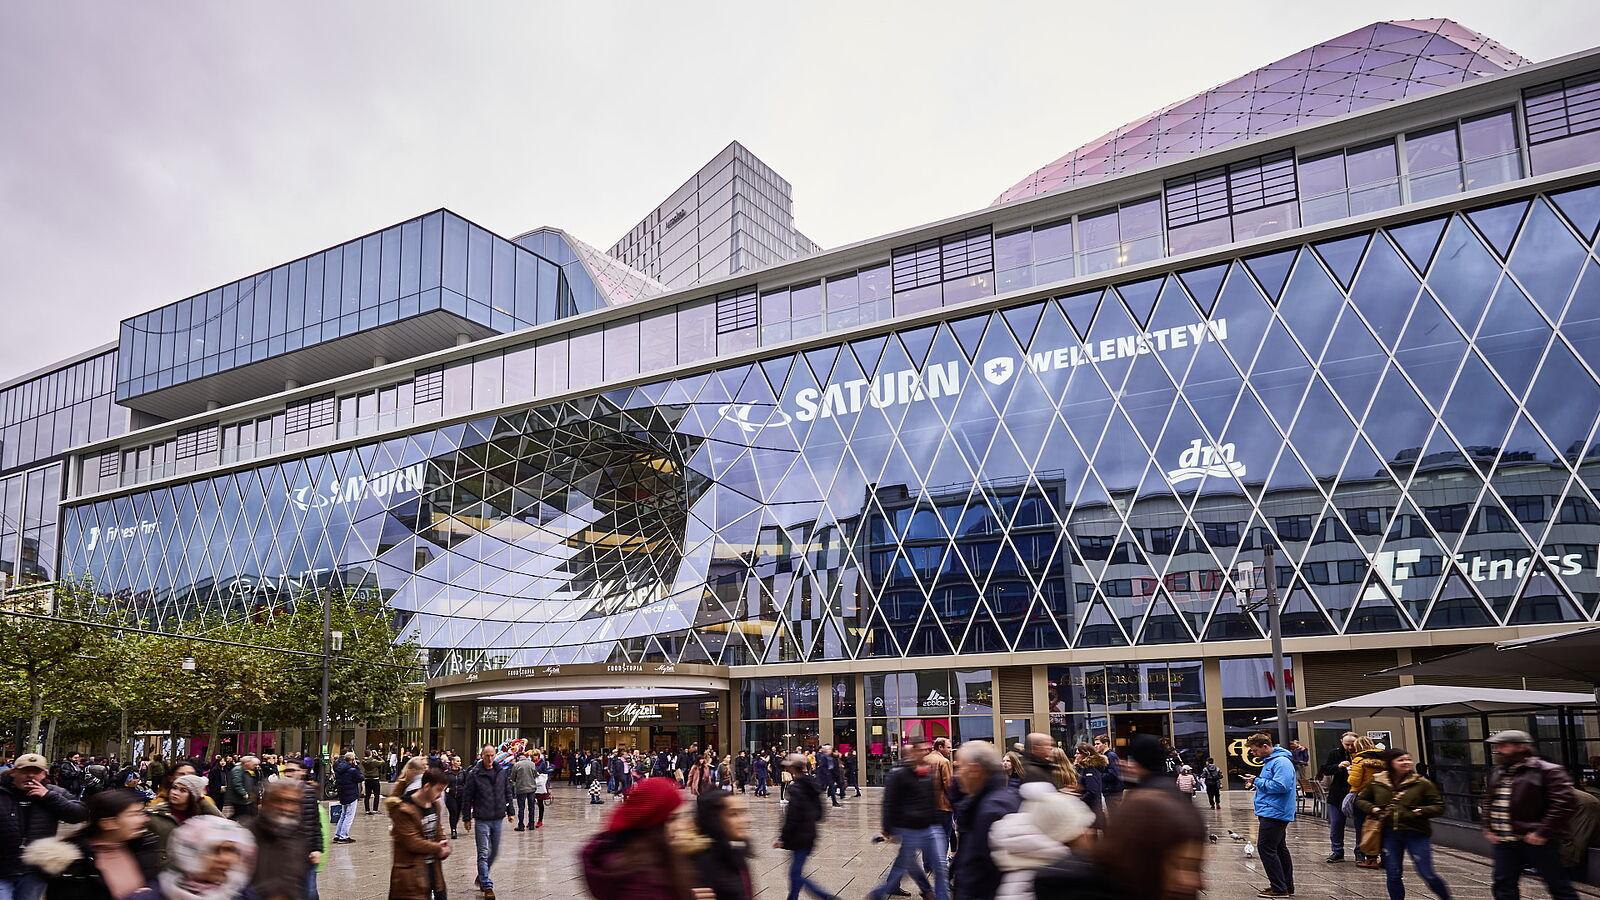 Frankfurt Sonntag Einkaufen